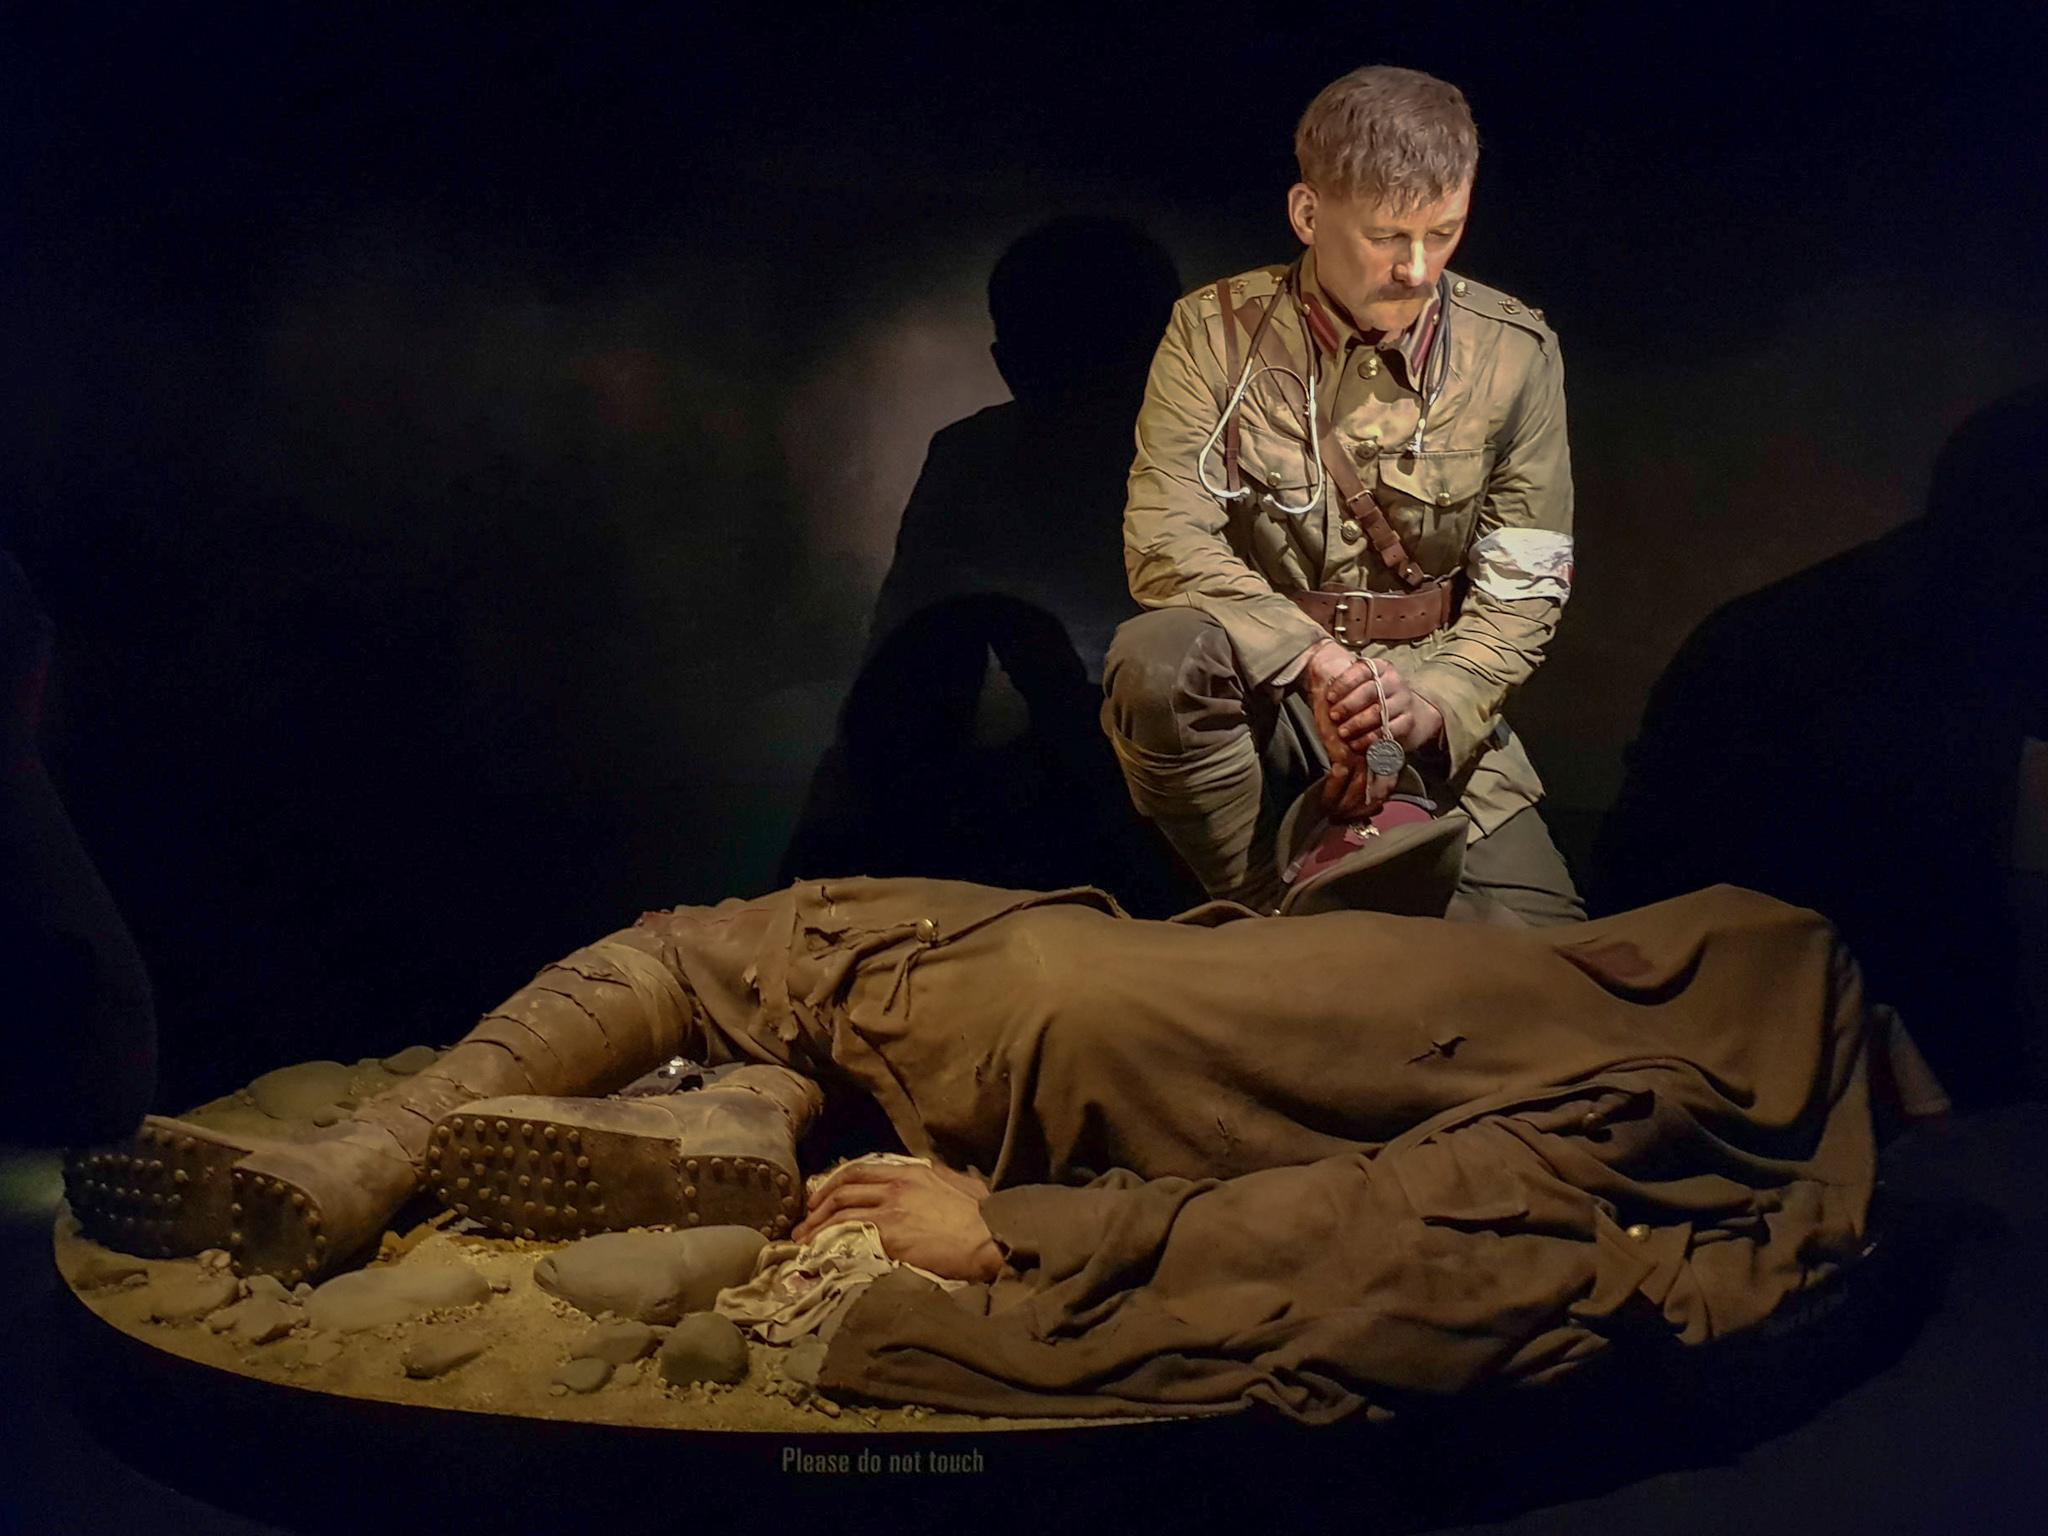 Te Papa - Arzt kniet über totem Soldaten